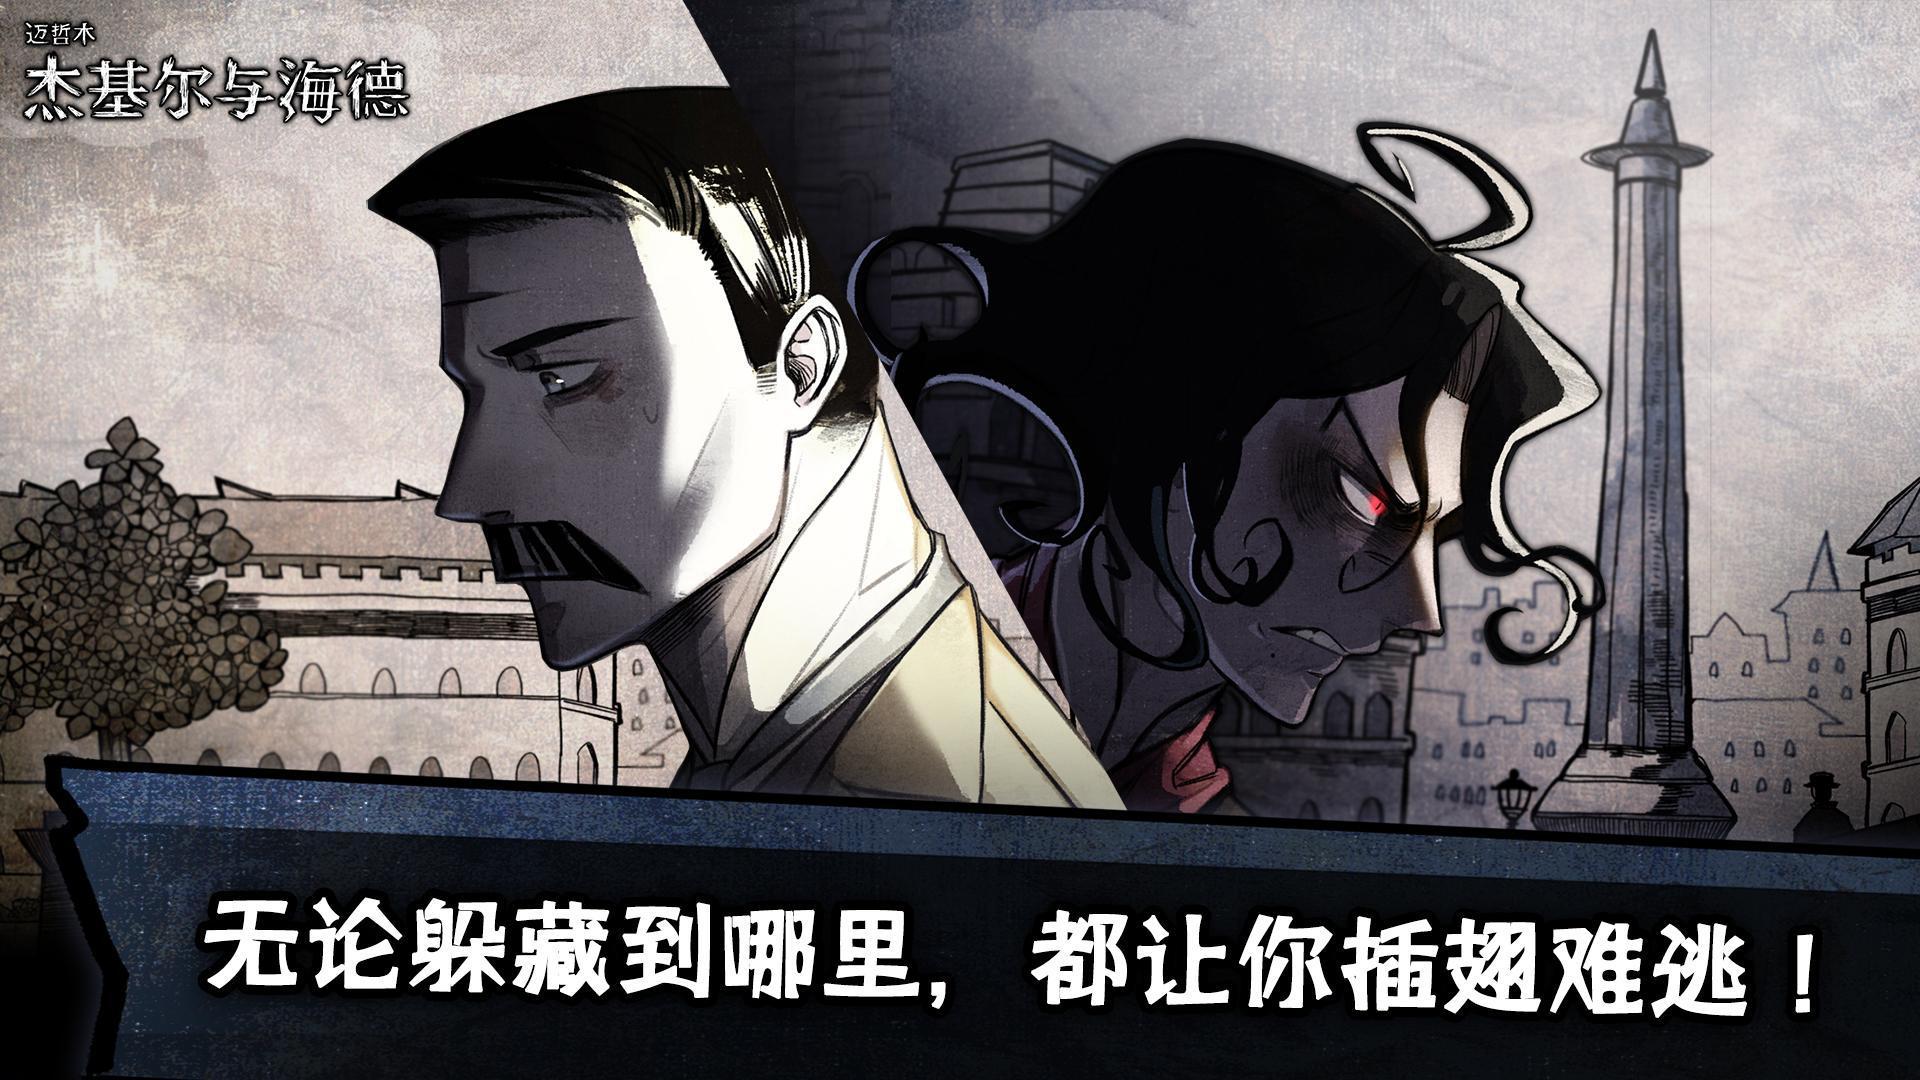 迈哲木:化身博士为什么不出声音